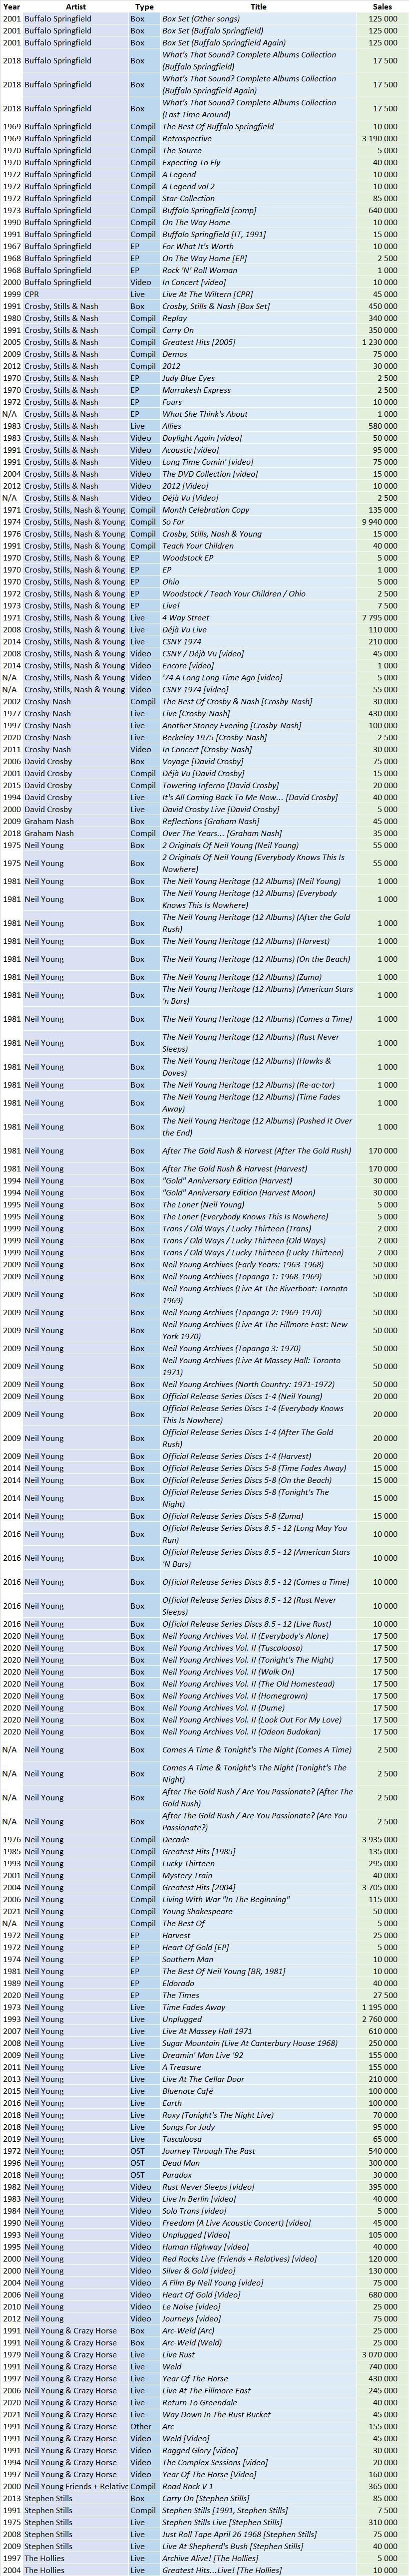 CSPC Neil Young compilation album sales list